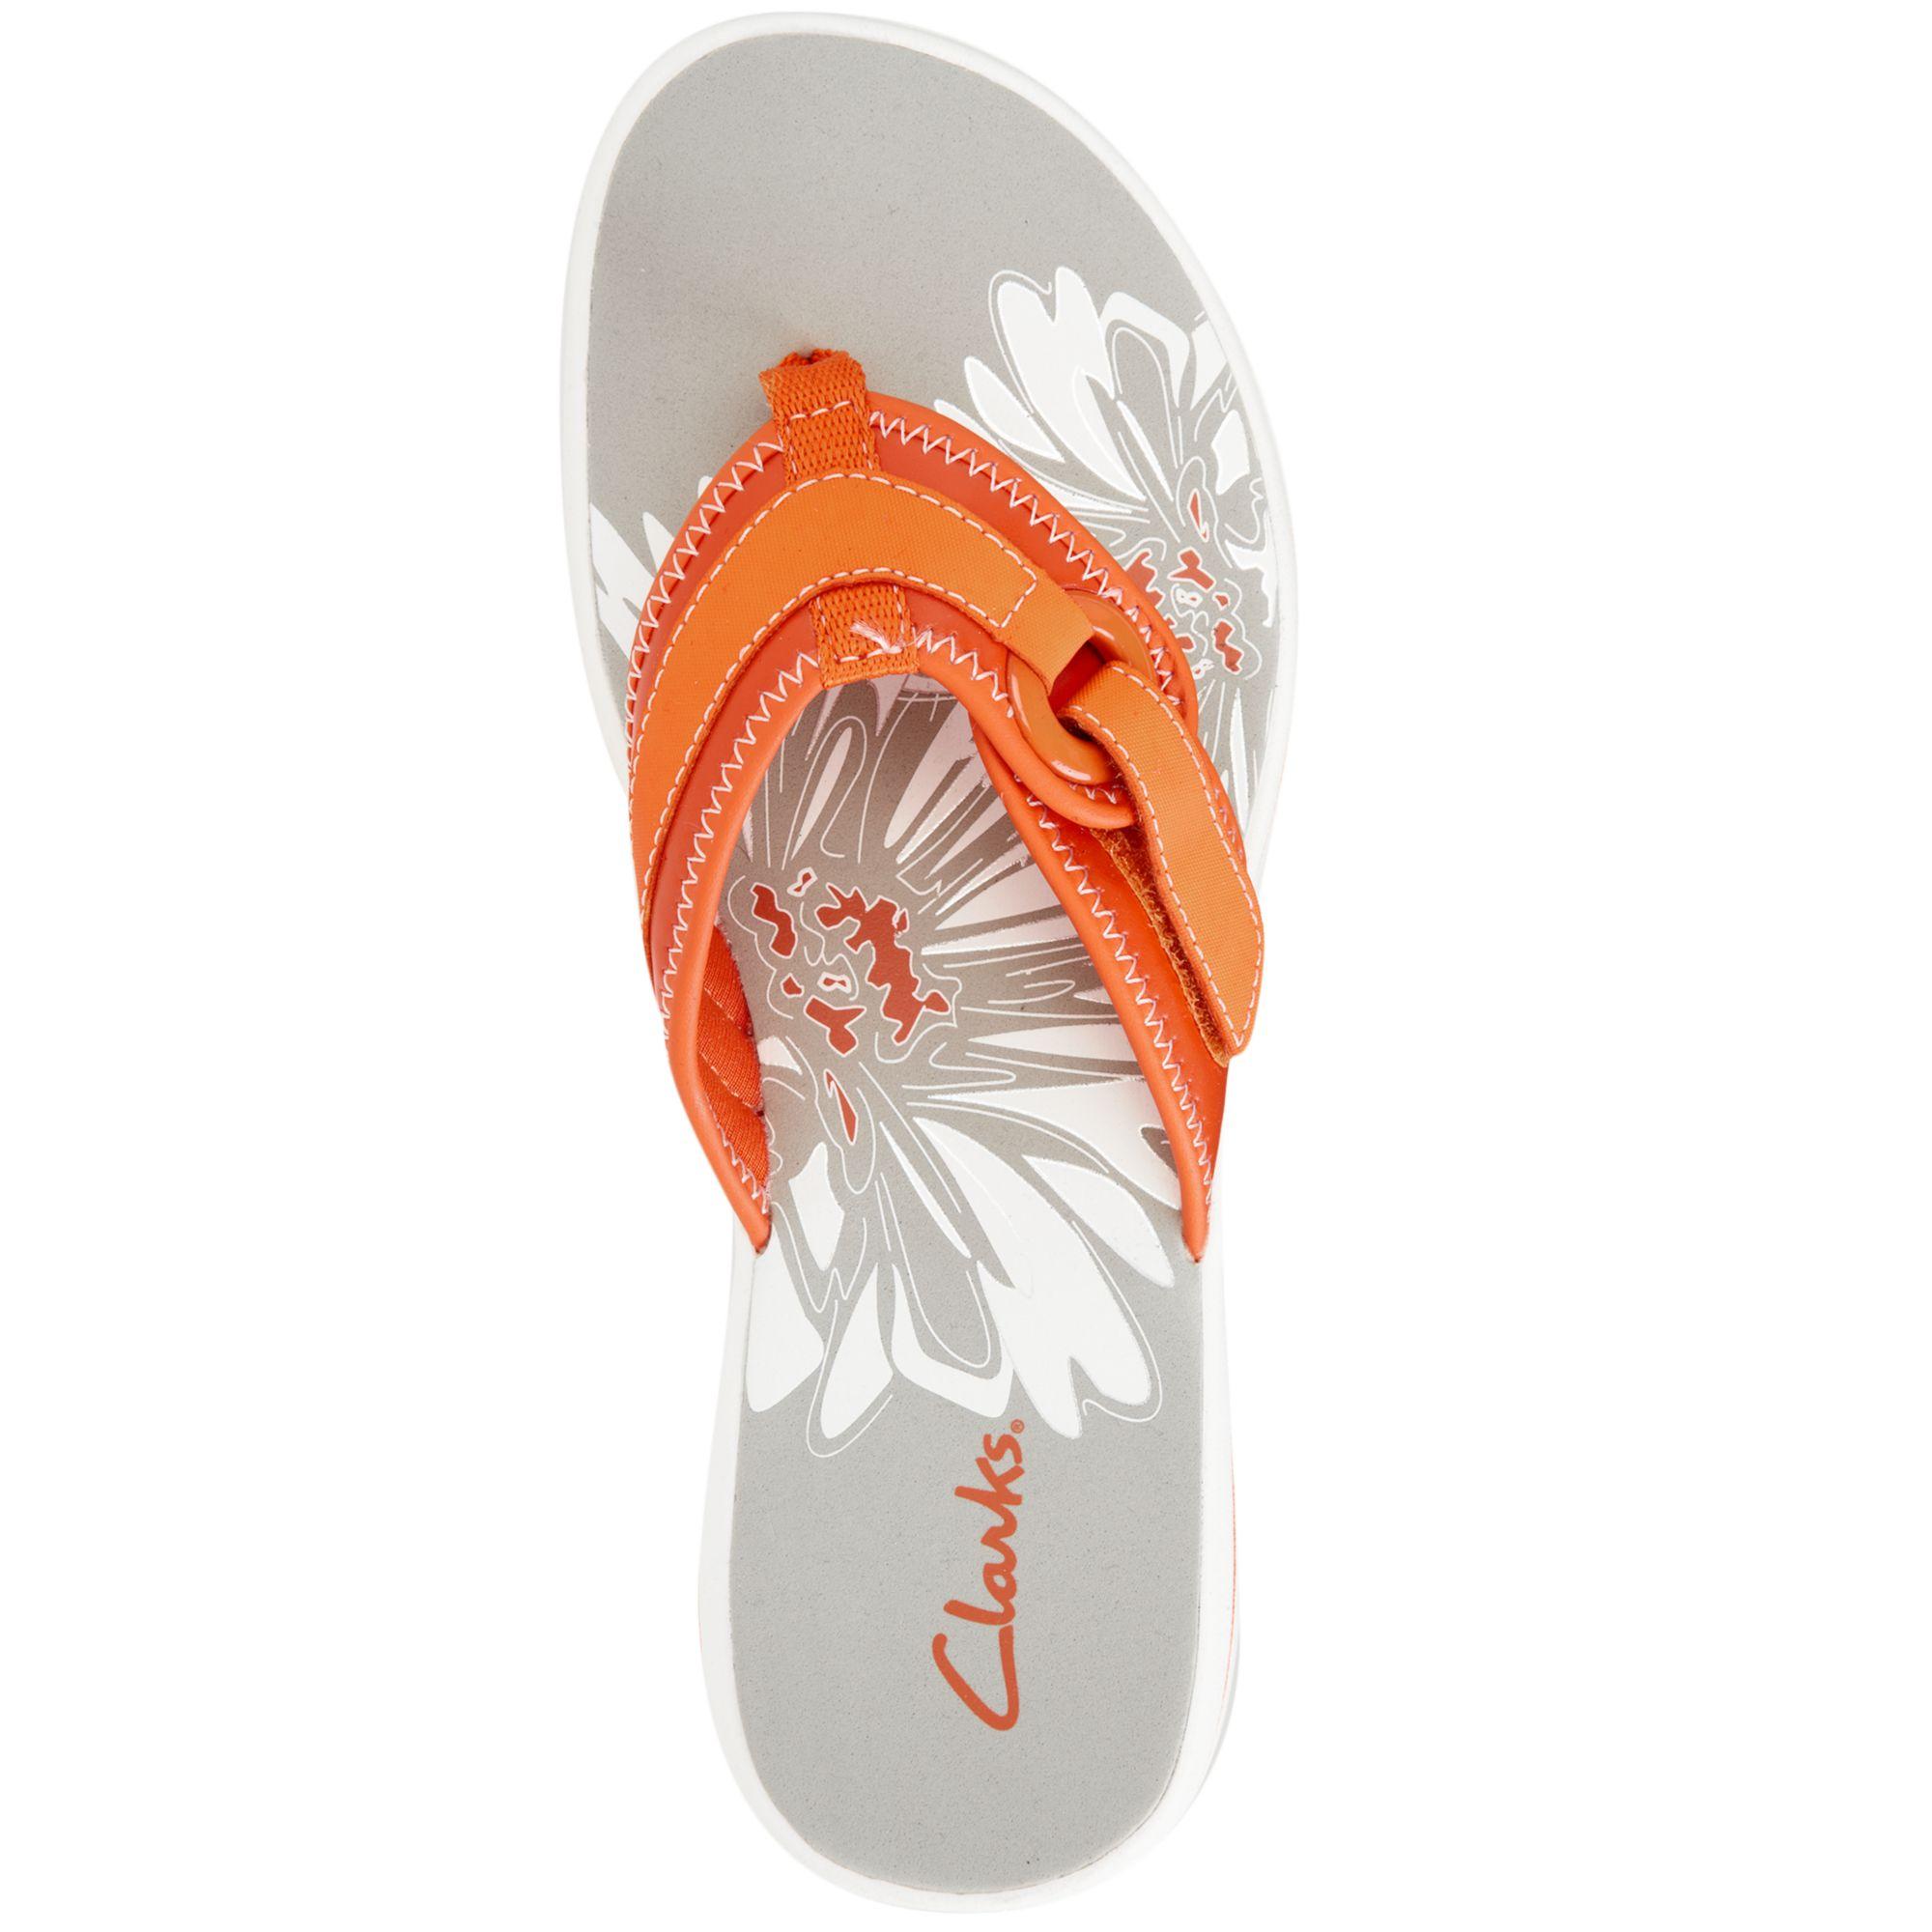 5ea1c13a1c03 Lyst - Clarks Womens Shoes Breeze Mila Flip Flops in Orange